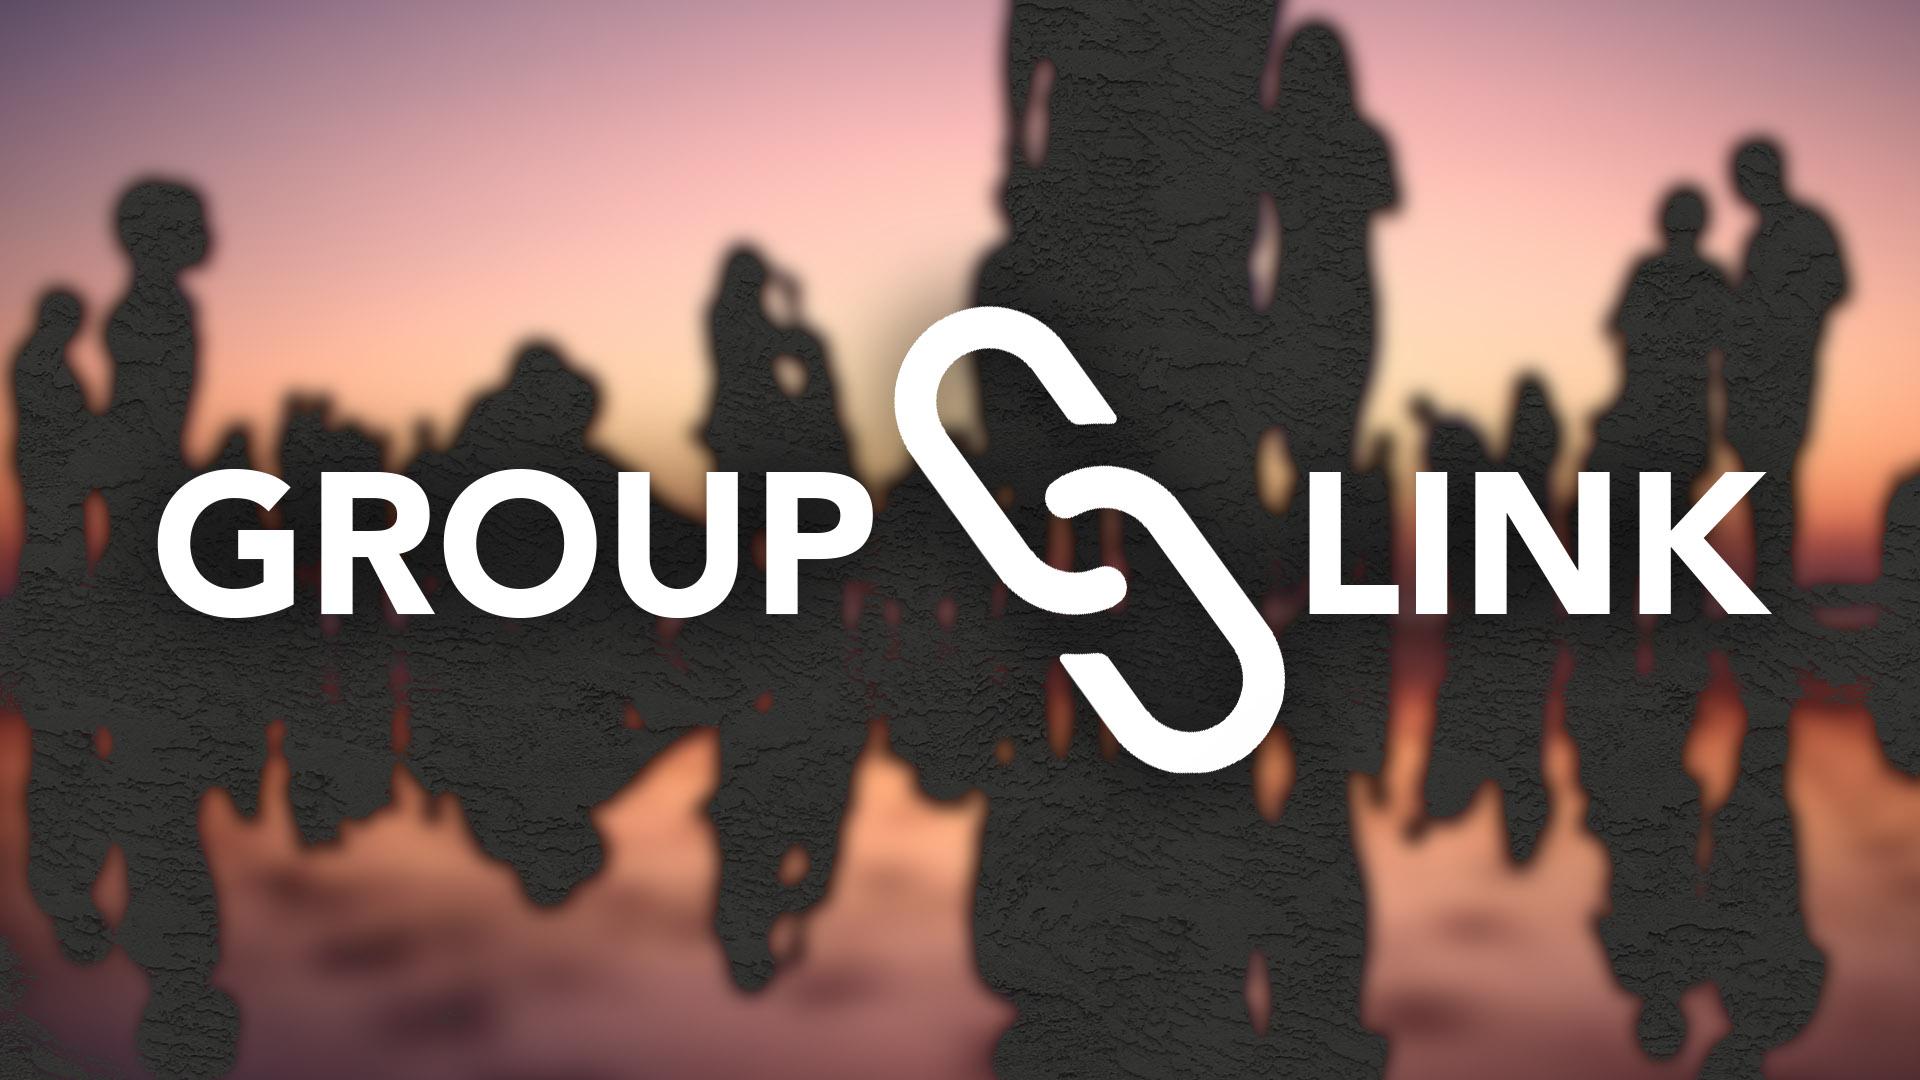 Group Link Faith